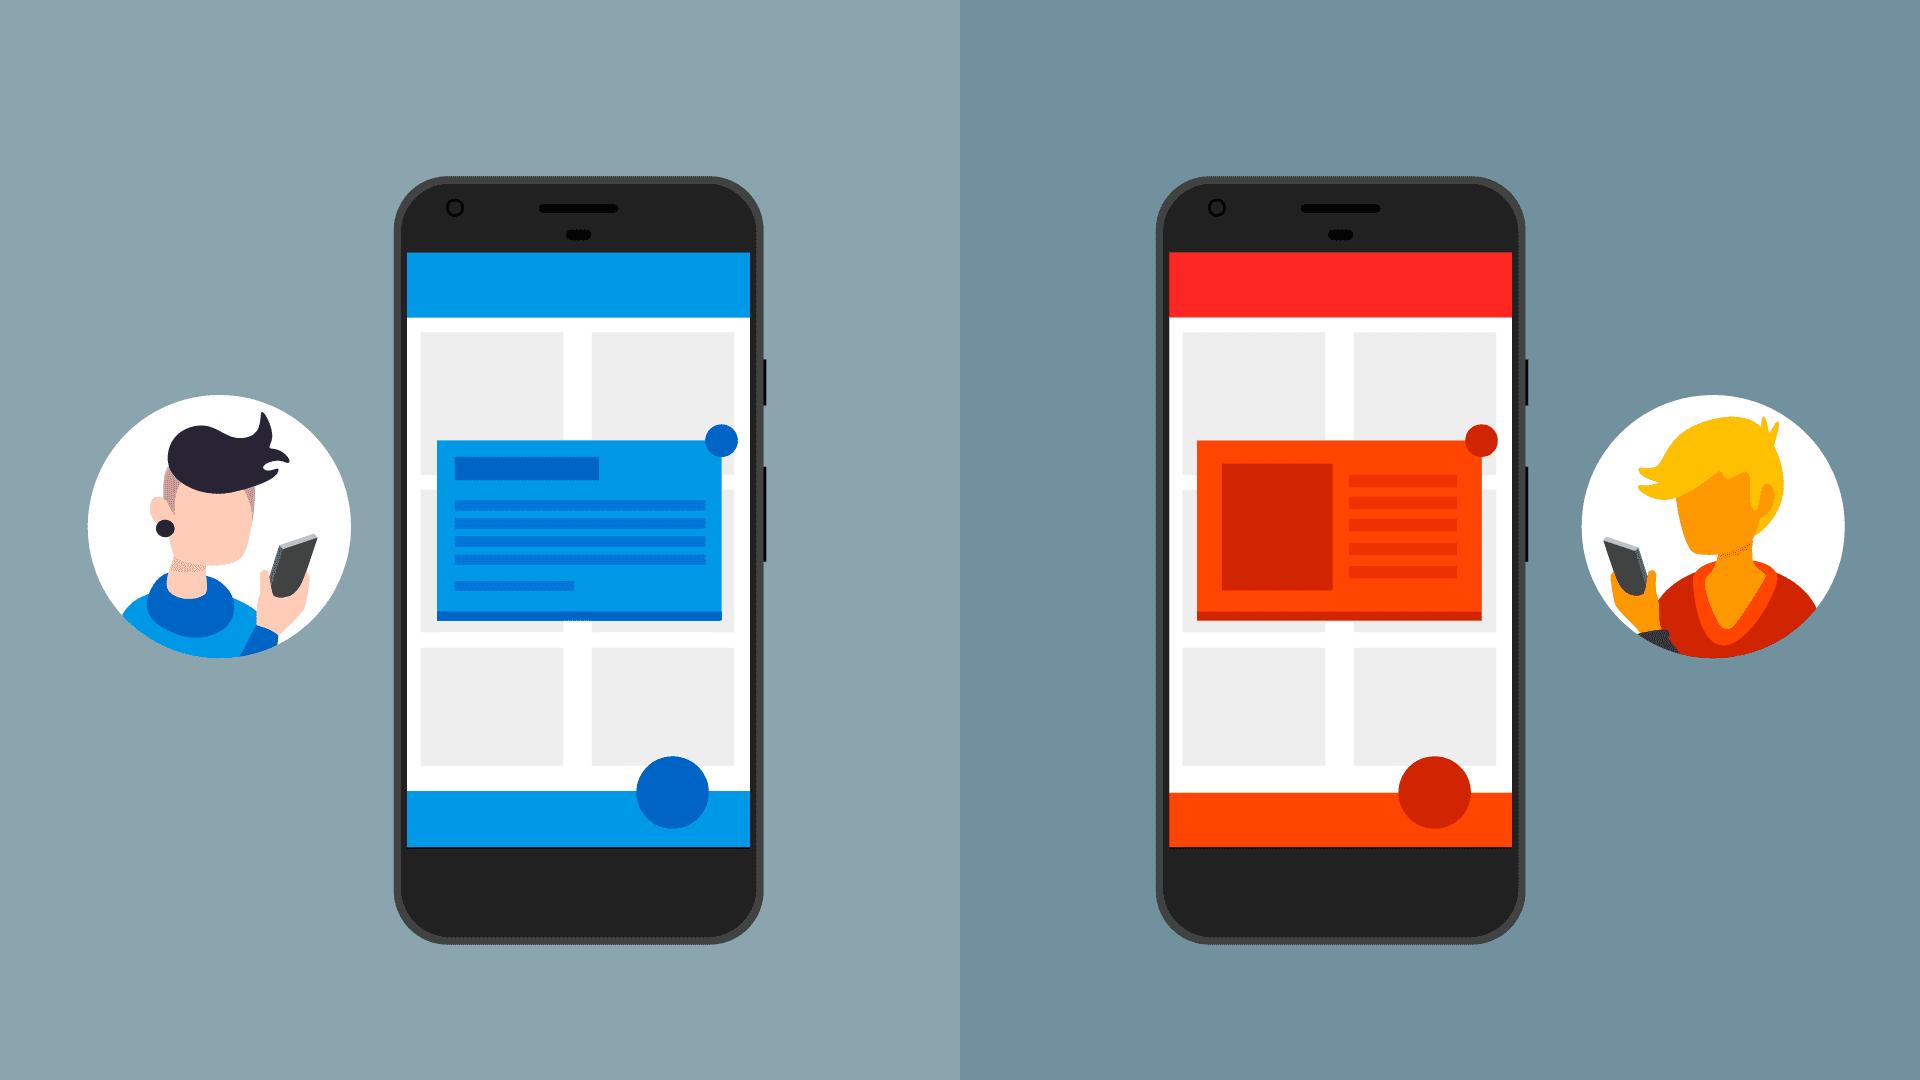 Duas mensagens no app com estilos diferentes